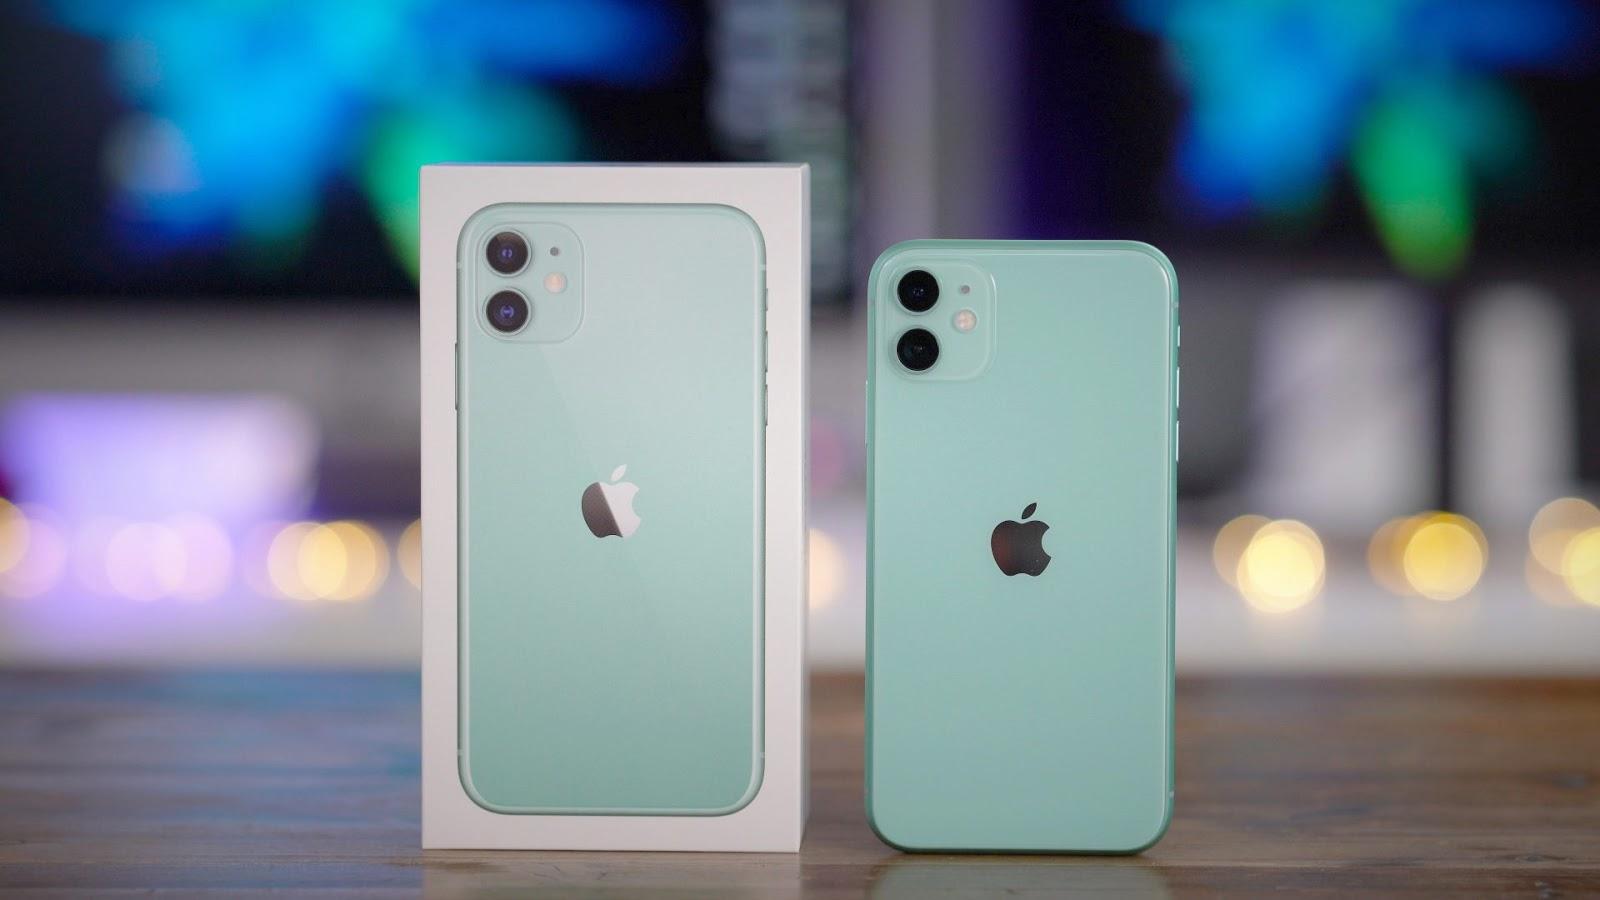 iPhone 11 終於幫蘋果攻下印度高端智慧手機市場